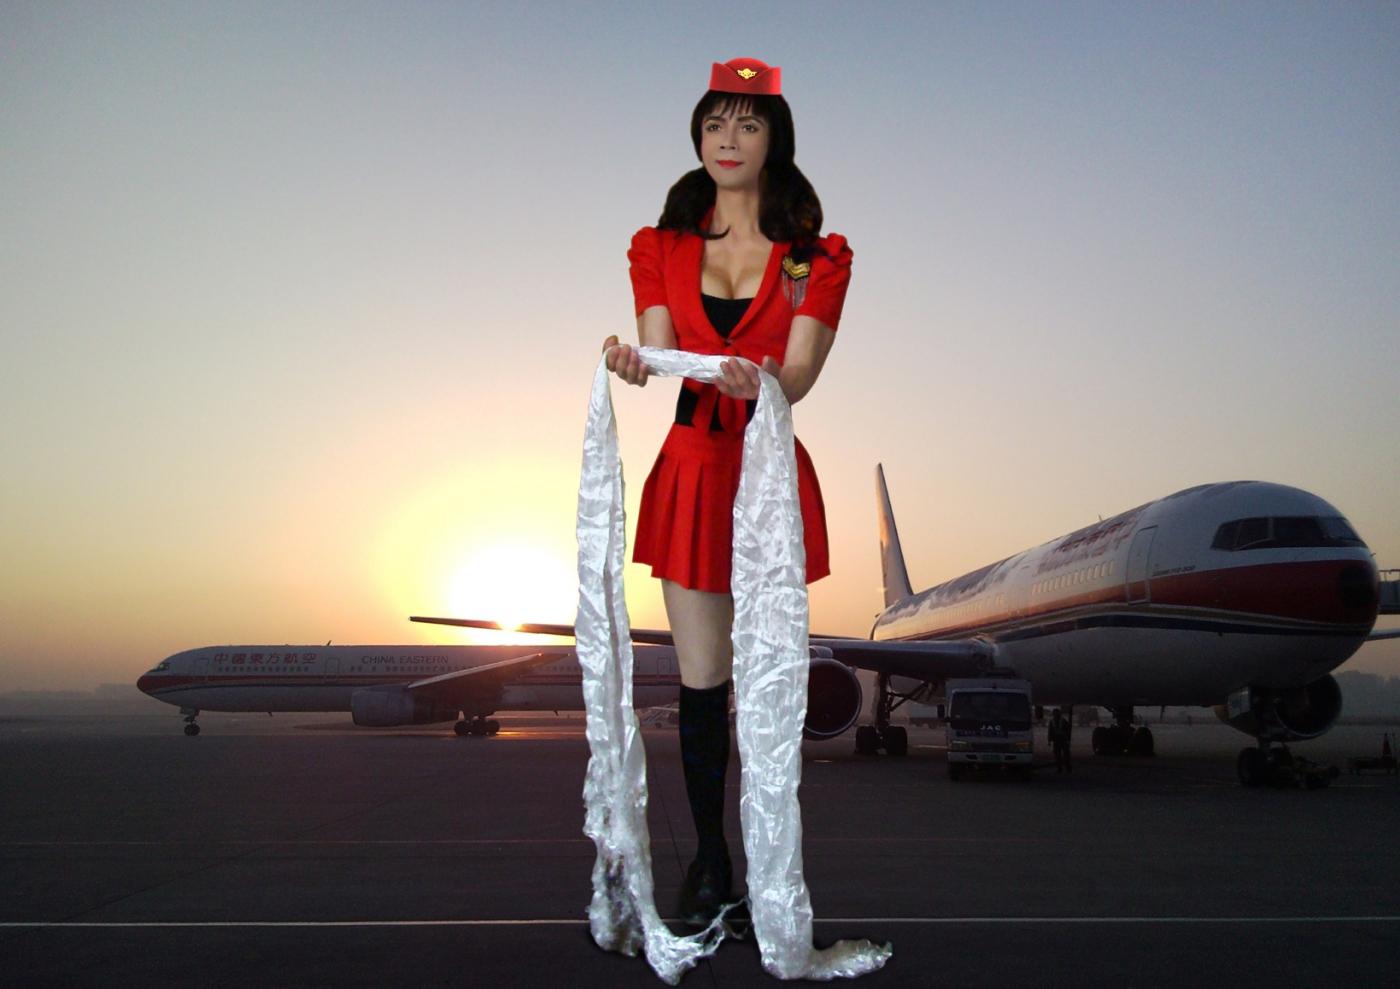 制服的诱惑-胸肌哥空姐服秀半球形聚拢性感美胸_图1-4